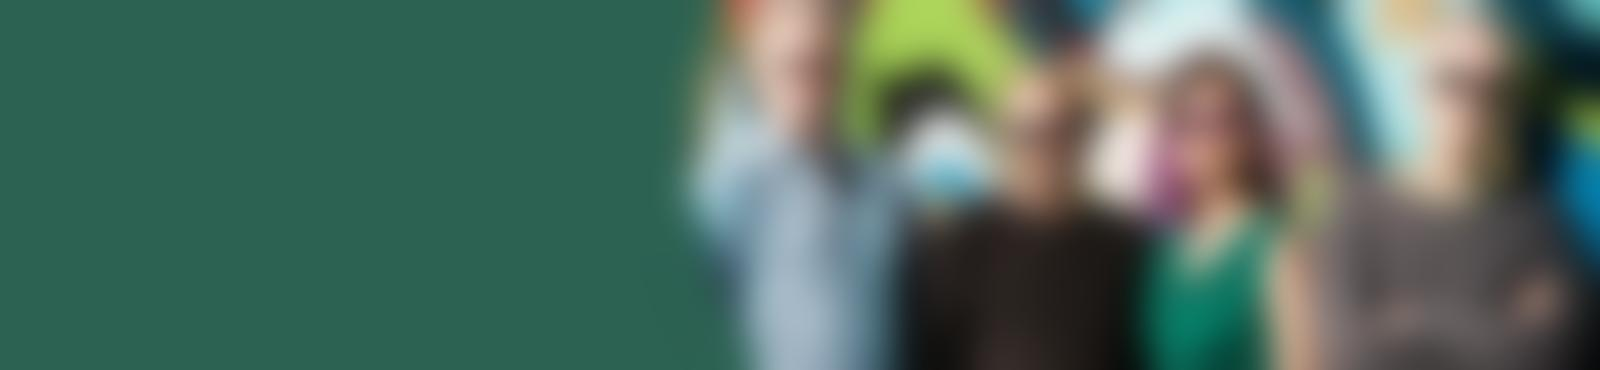 Blurred 8f43ba01 3c35 4070 8adf 4ec38d4a36dc